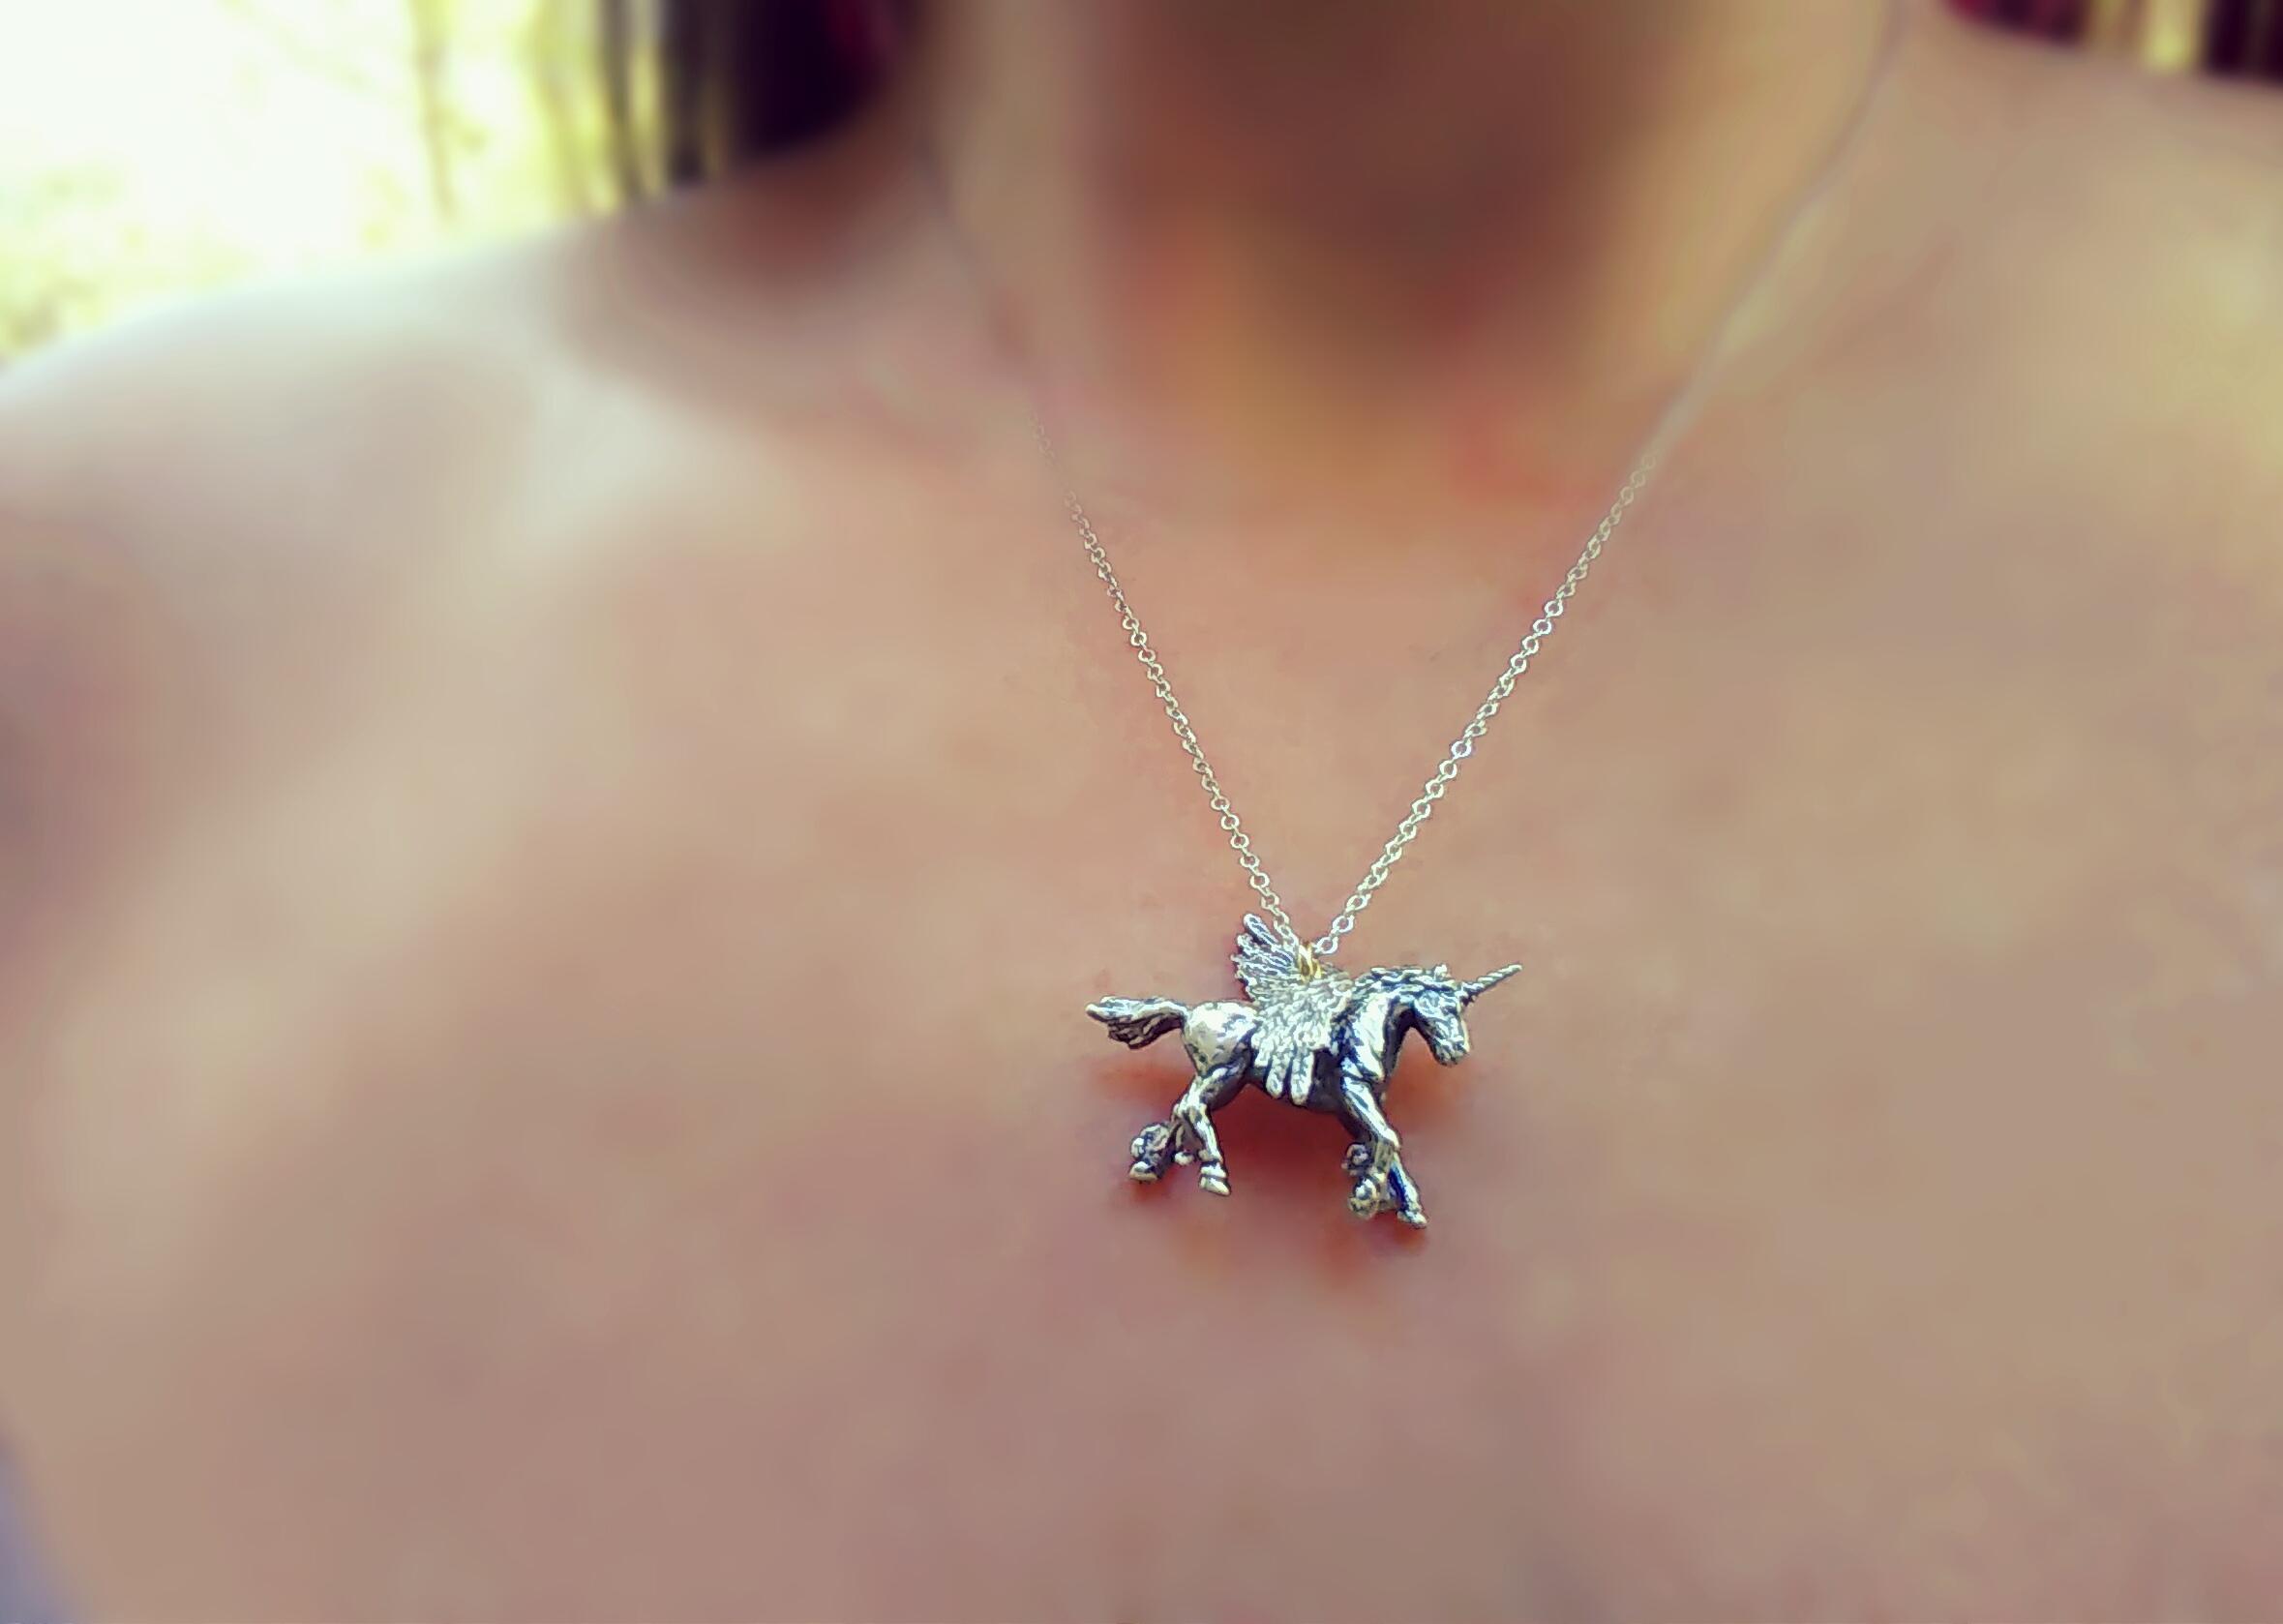 Folklore Unicorn Necklace